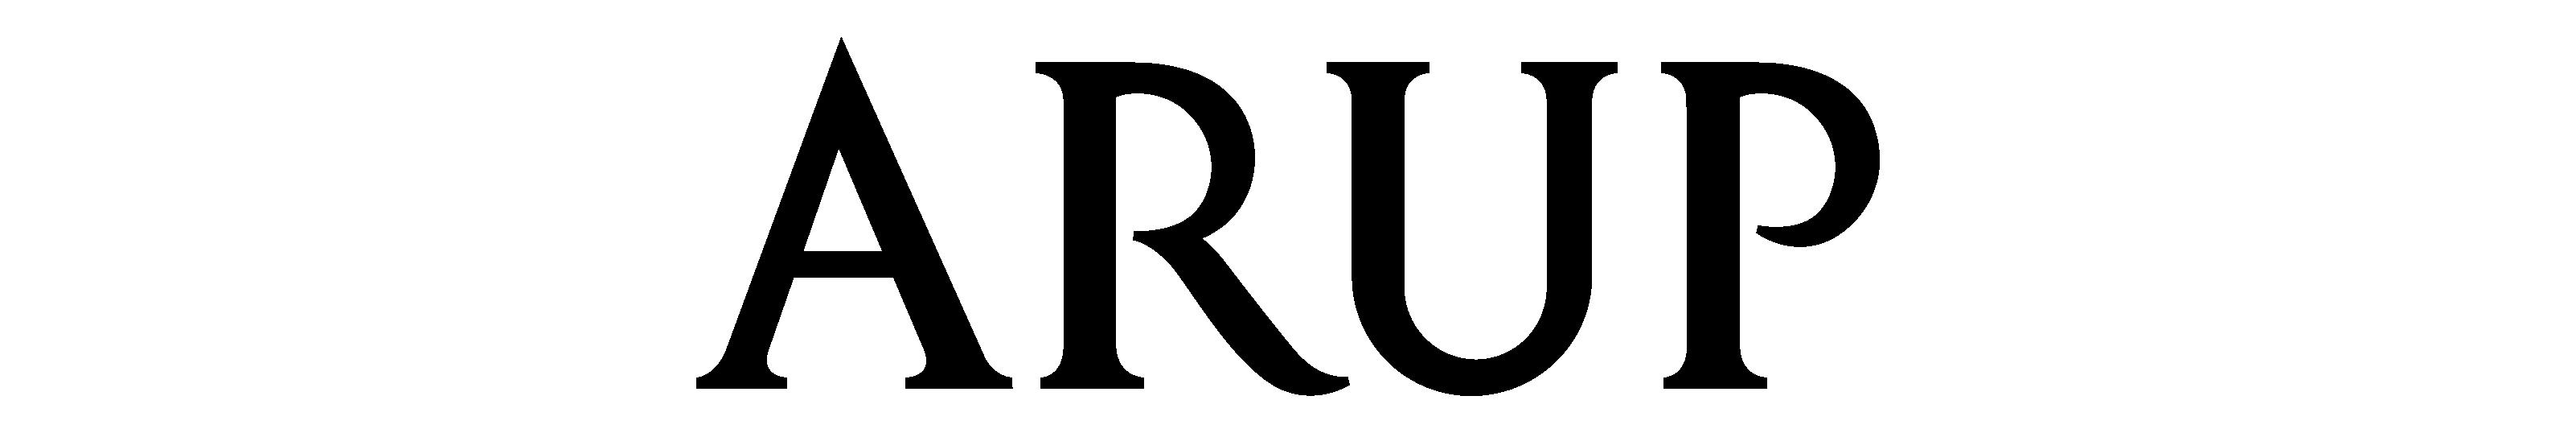 event-sponsor-1